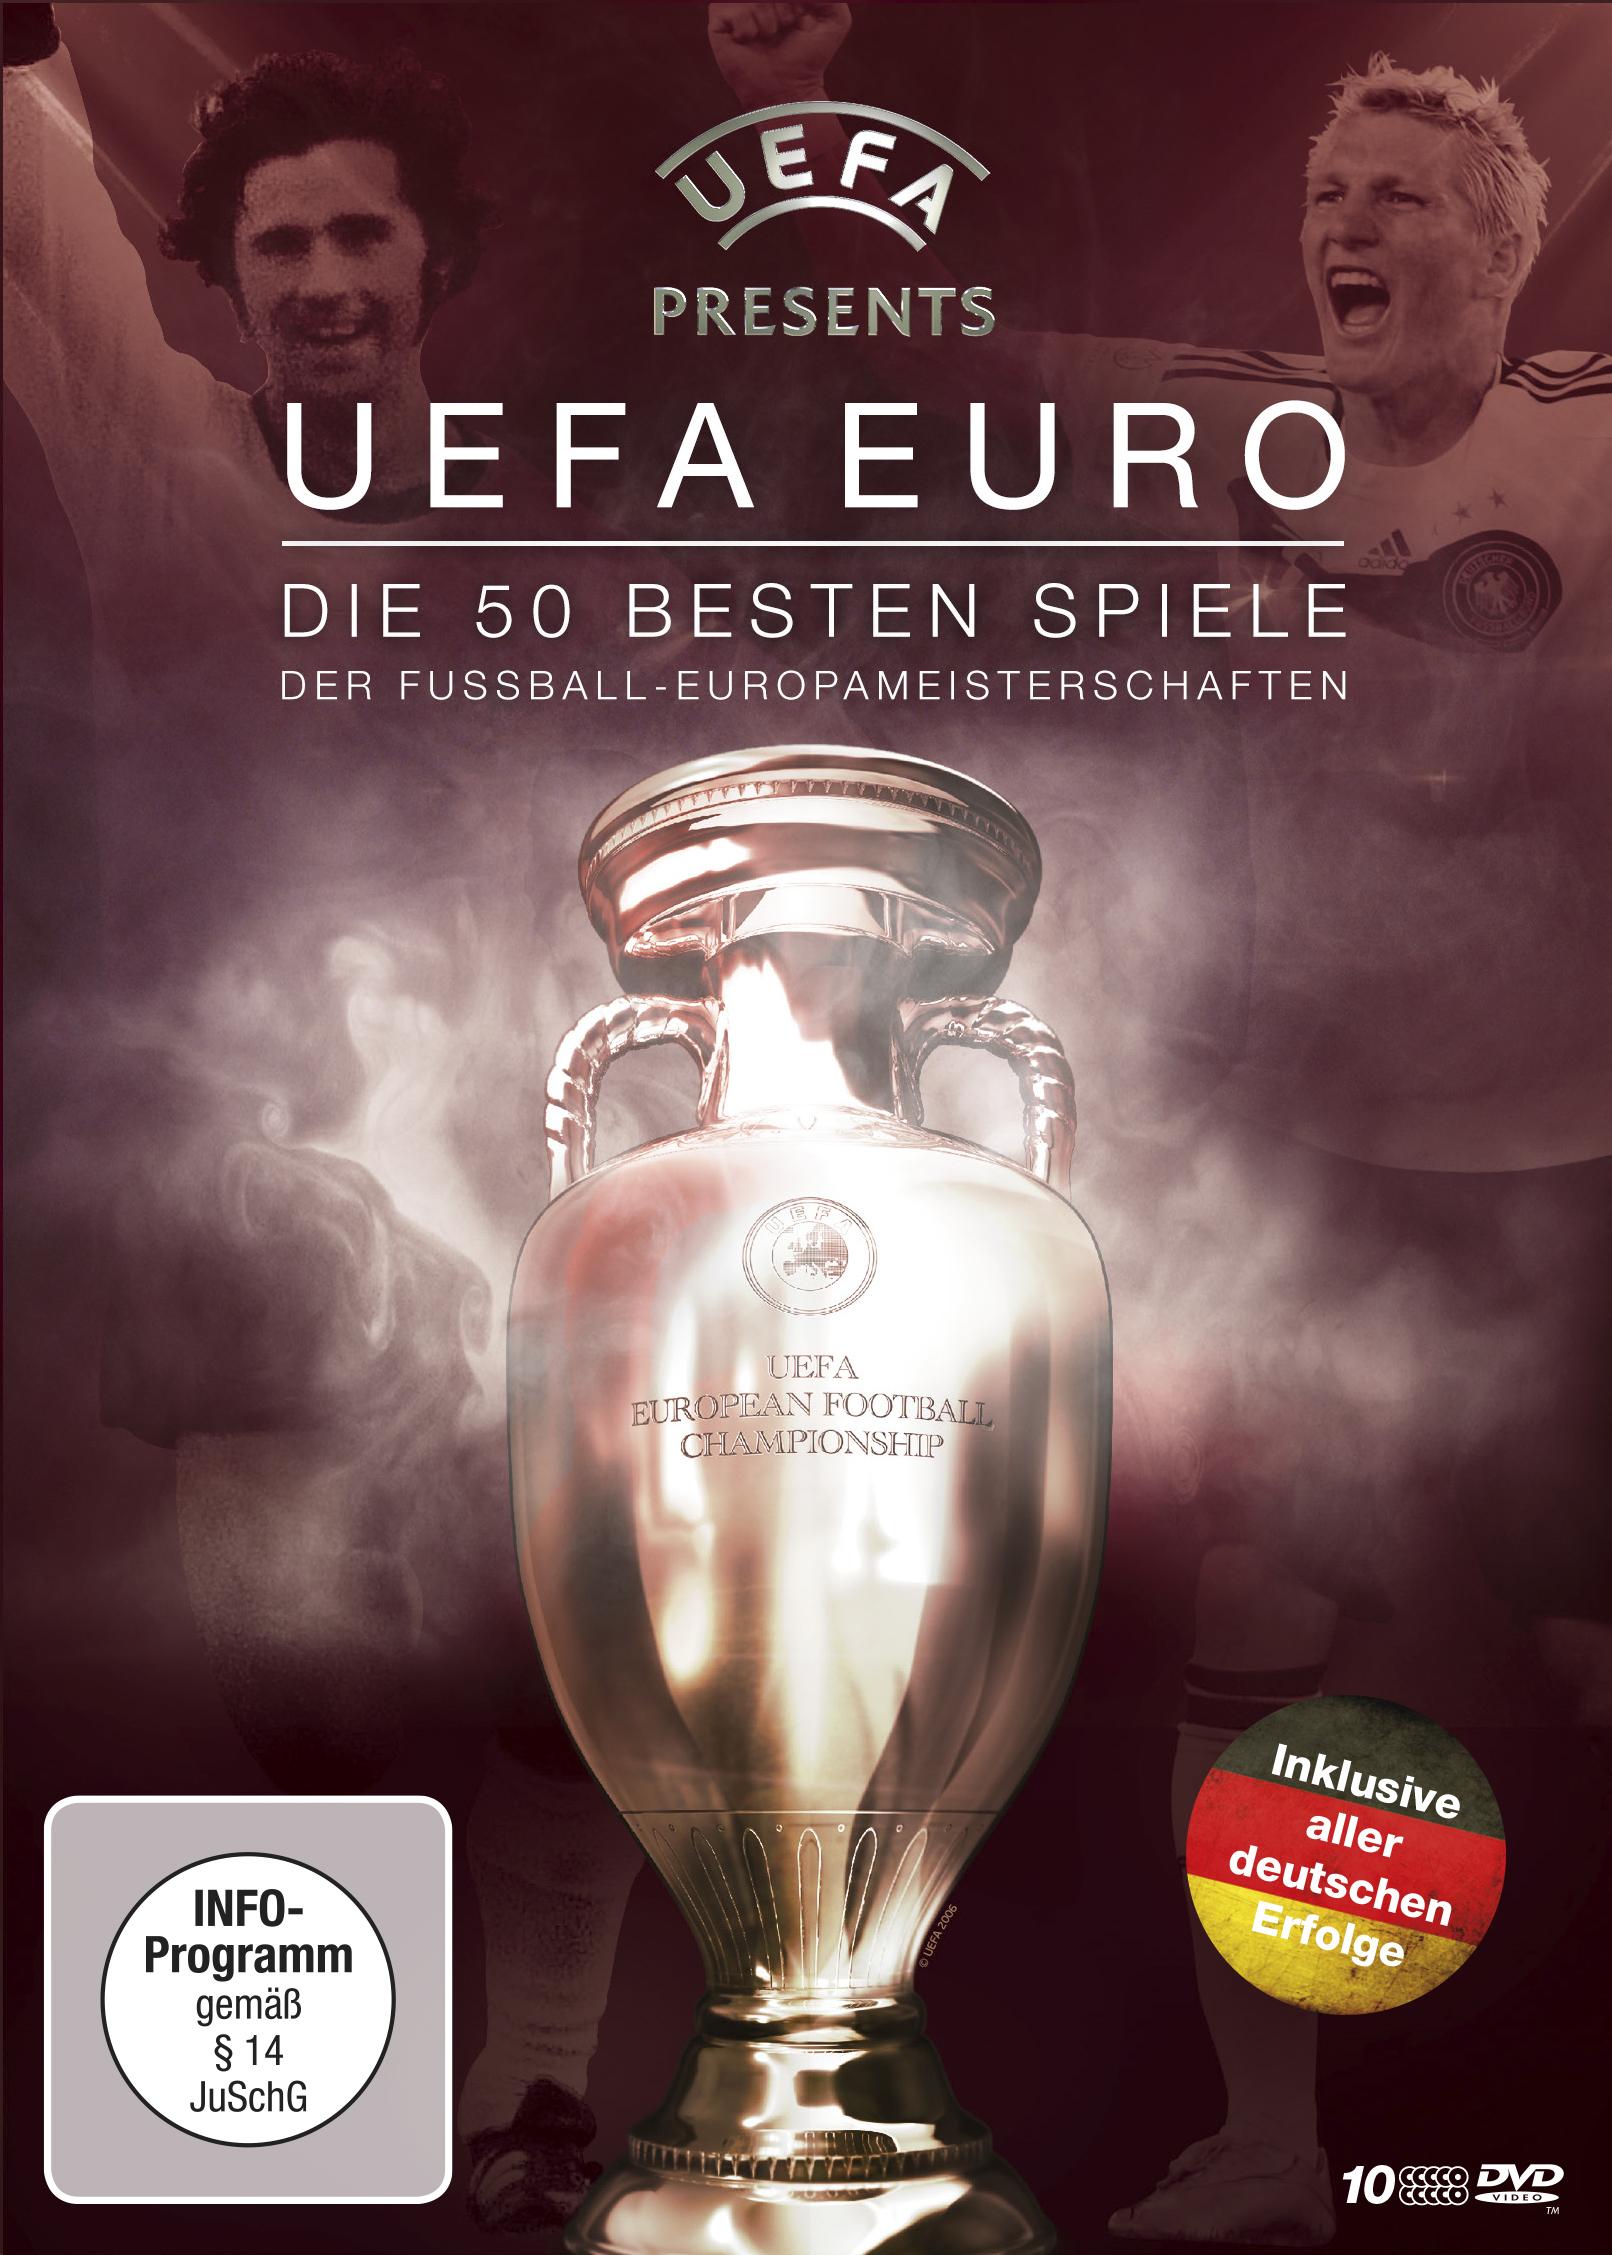 UEFA EURO – Die 50 besten Spiele der Fußball-Europameisterschaften